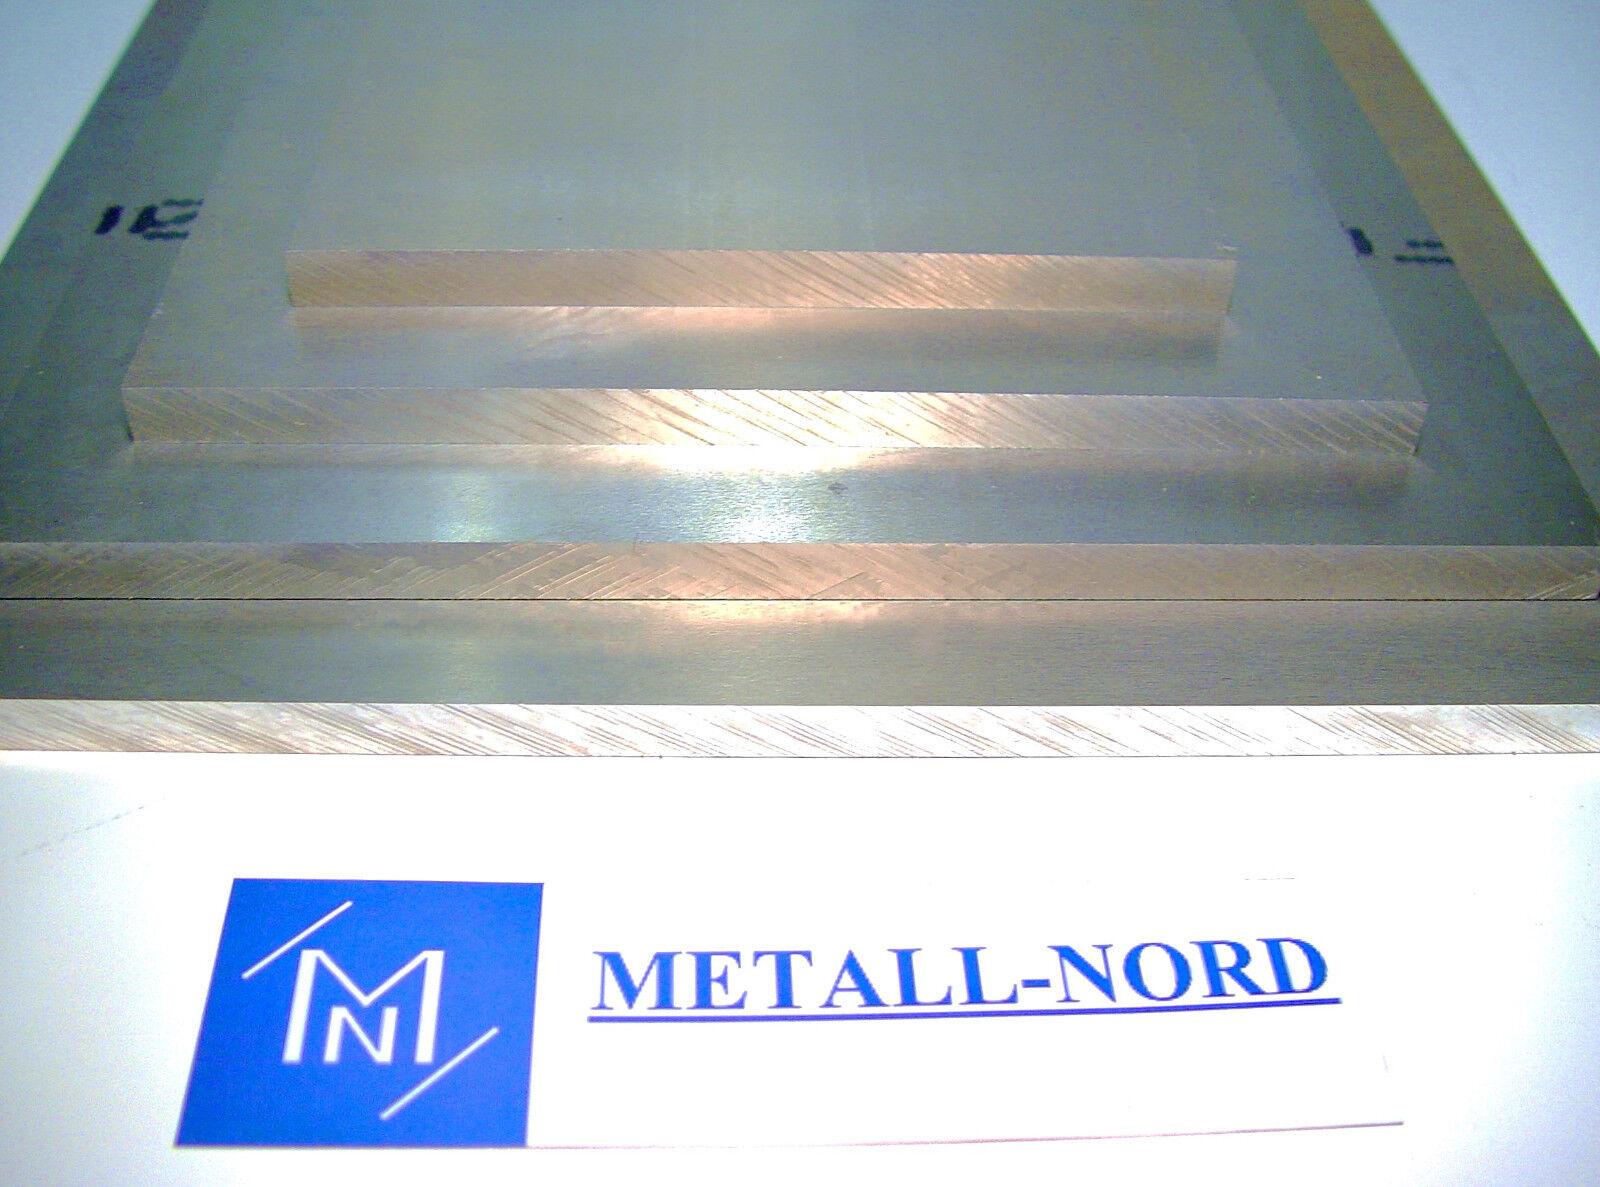 Präziser Aluminium ZUSCHNITT  10mm  HOCHFEST AW-7075 AlZnMgCu1,5 aluminum sheet  | Fein Verarbeitet